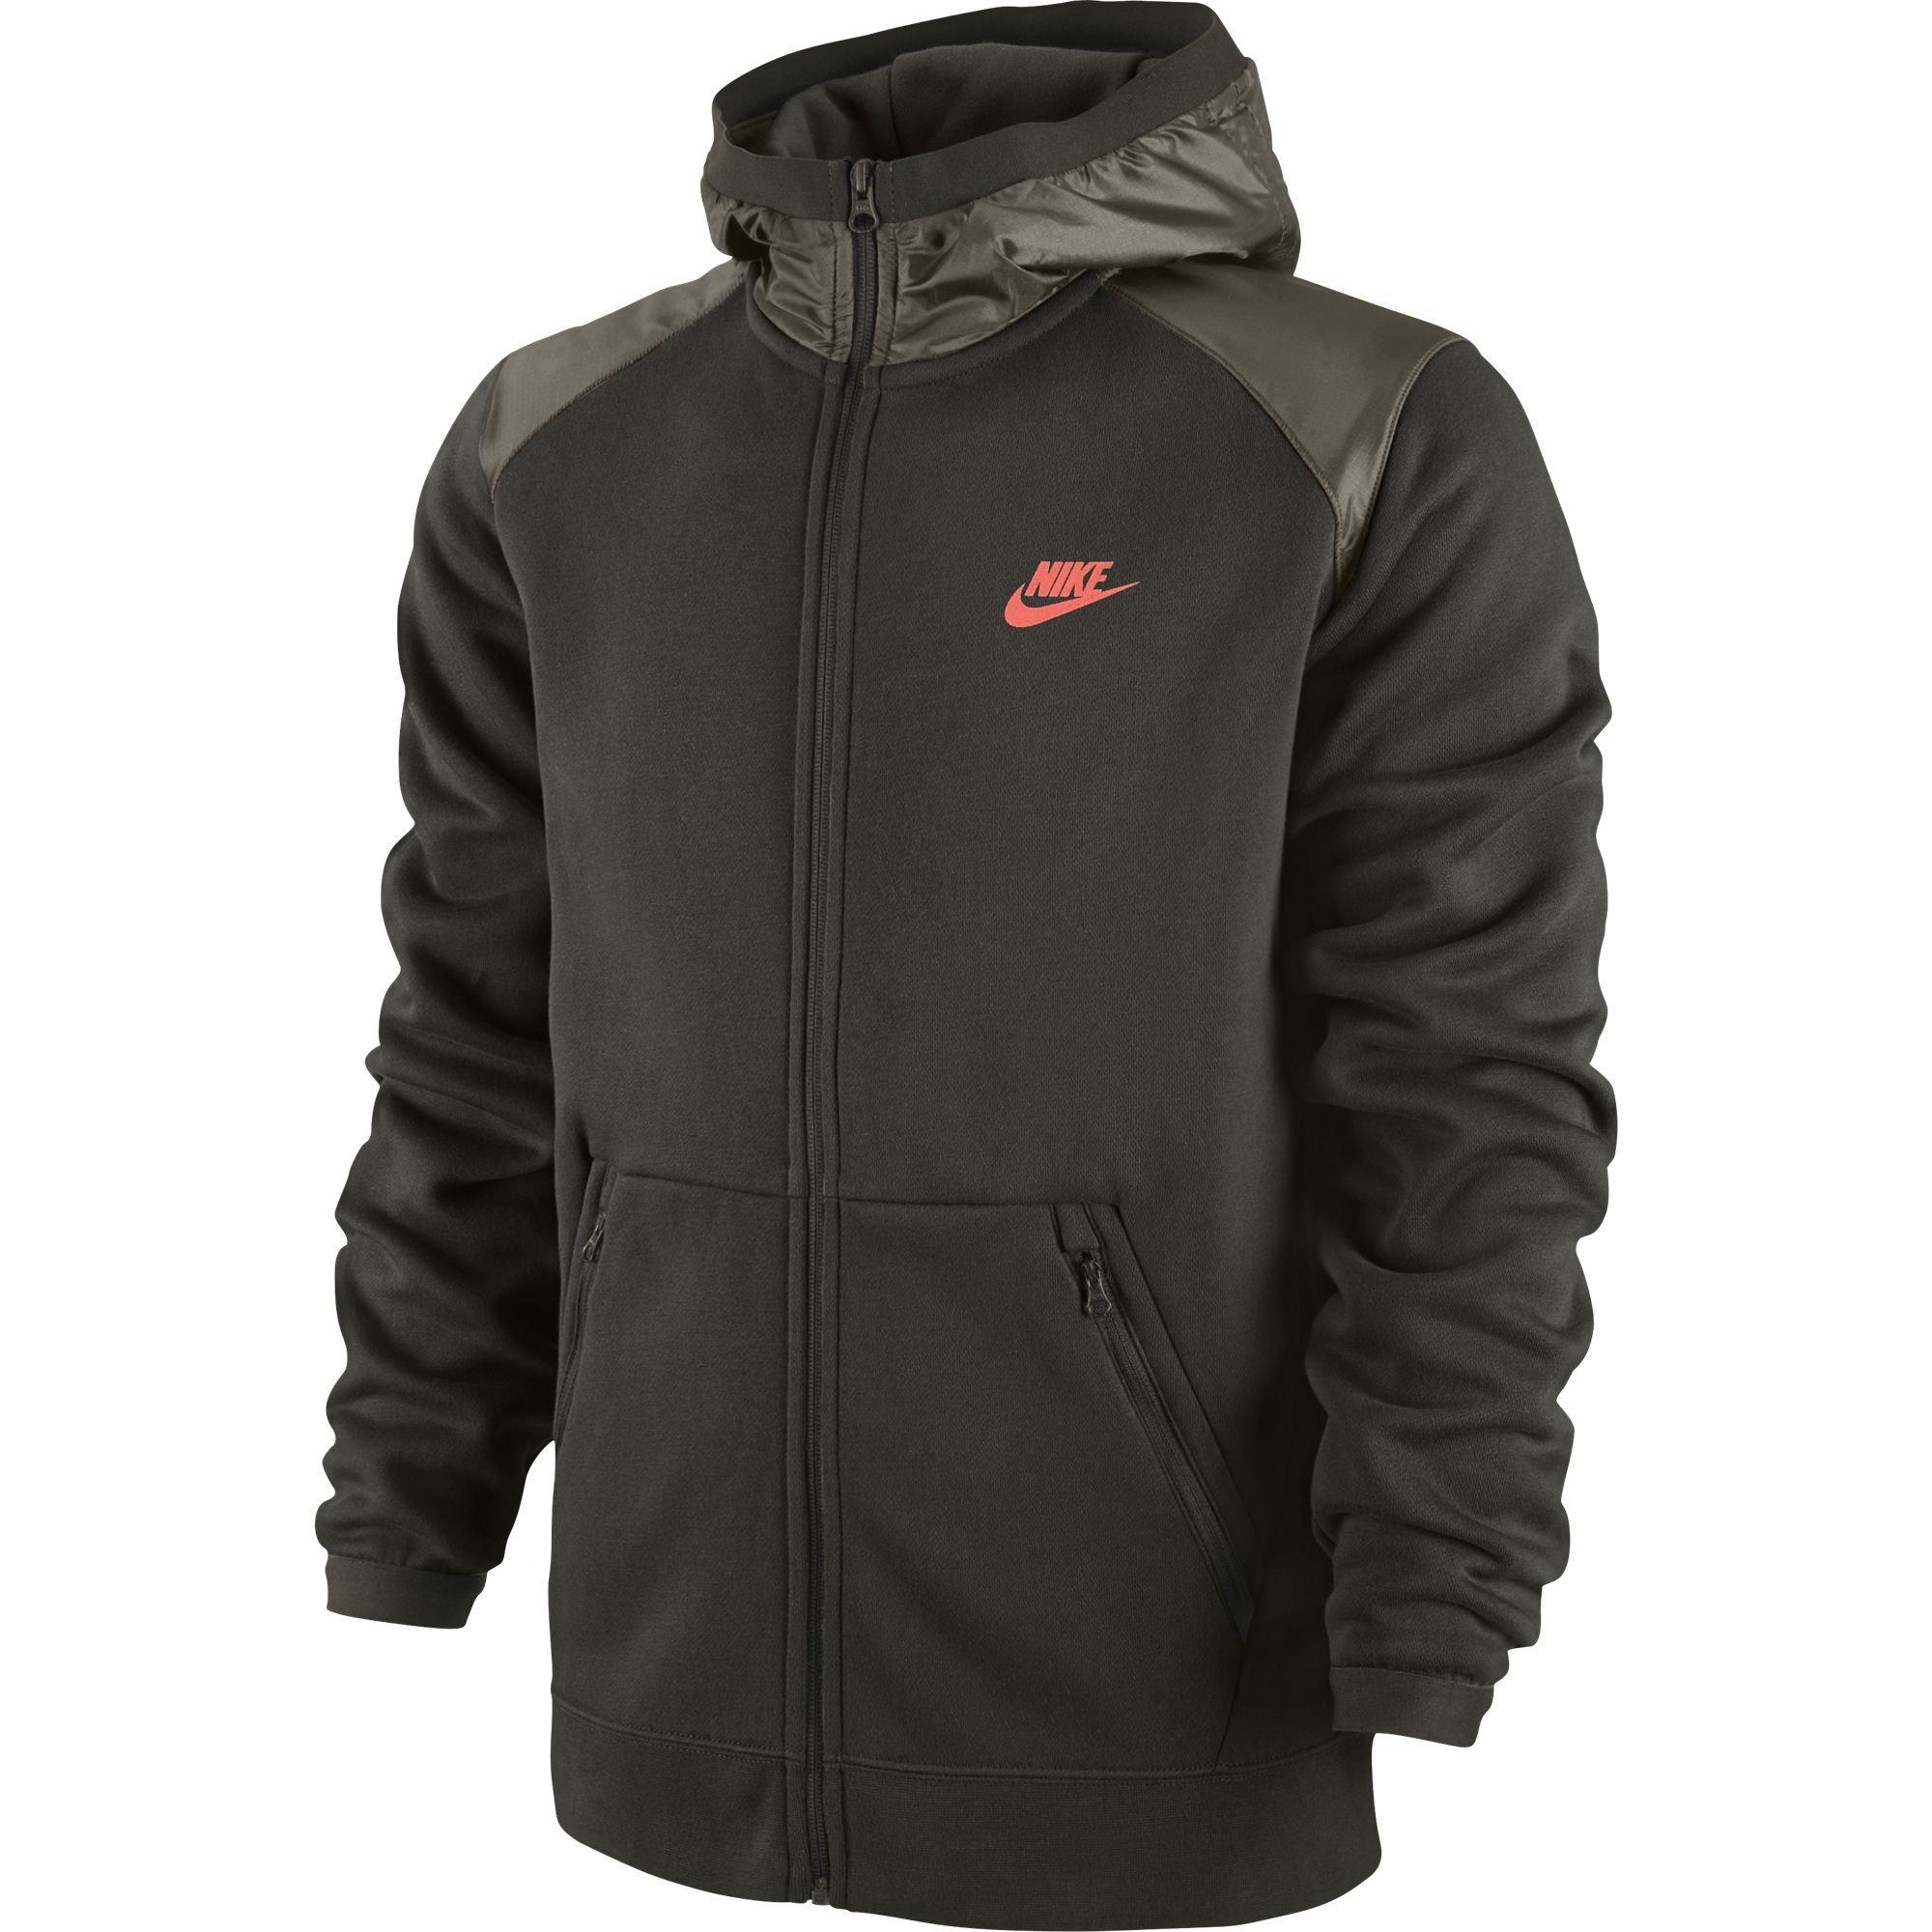 Nike Veste Hybrid M v�tement running homme